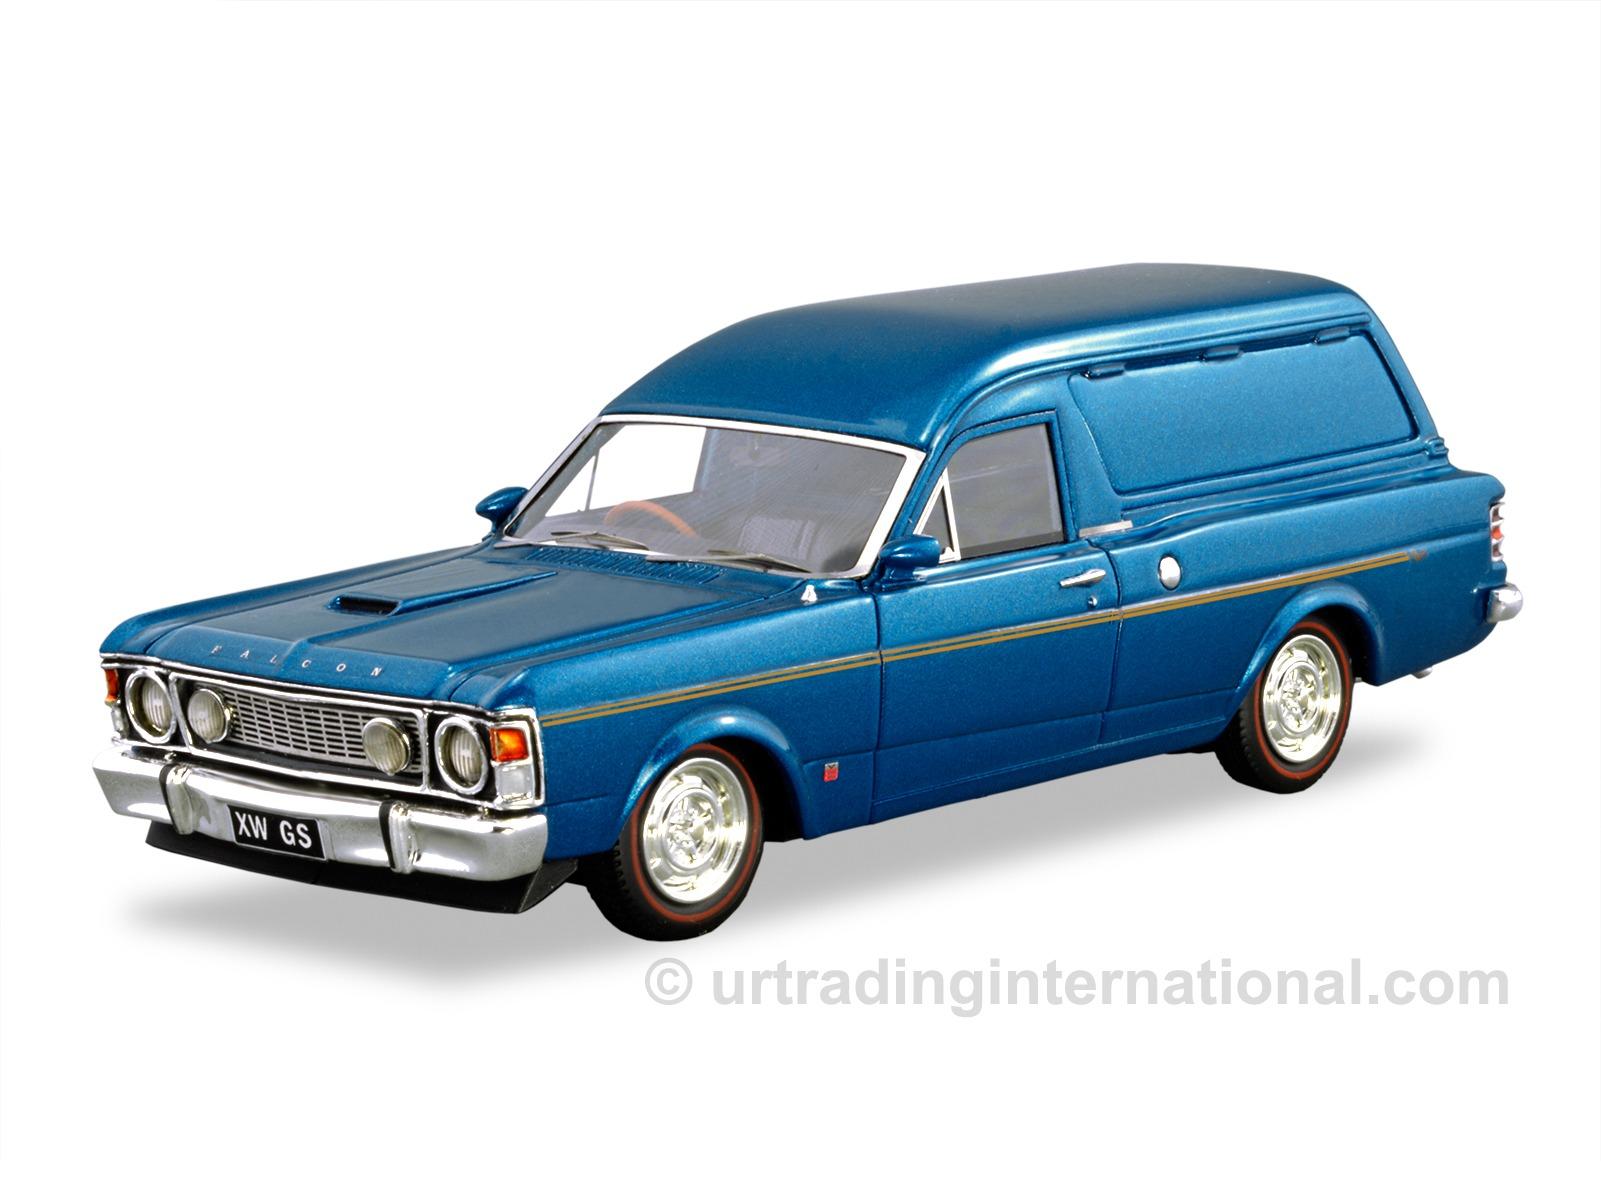 1970 XW GS Falcon Panel Van